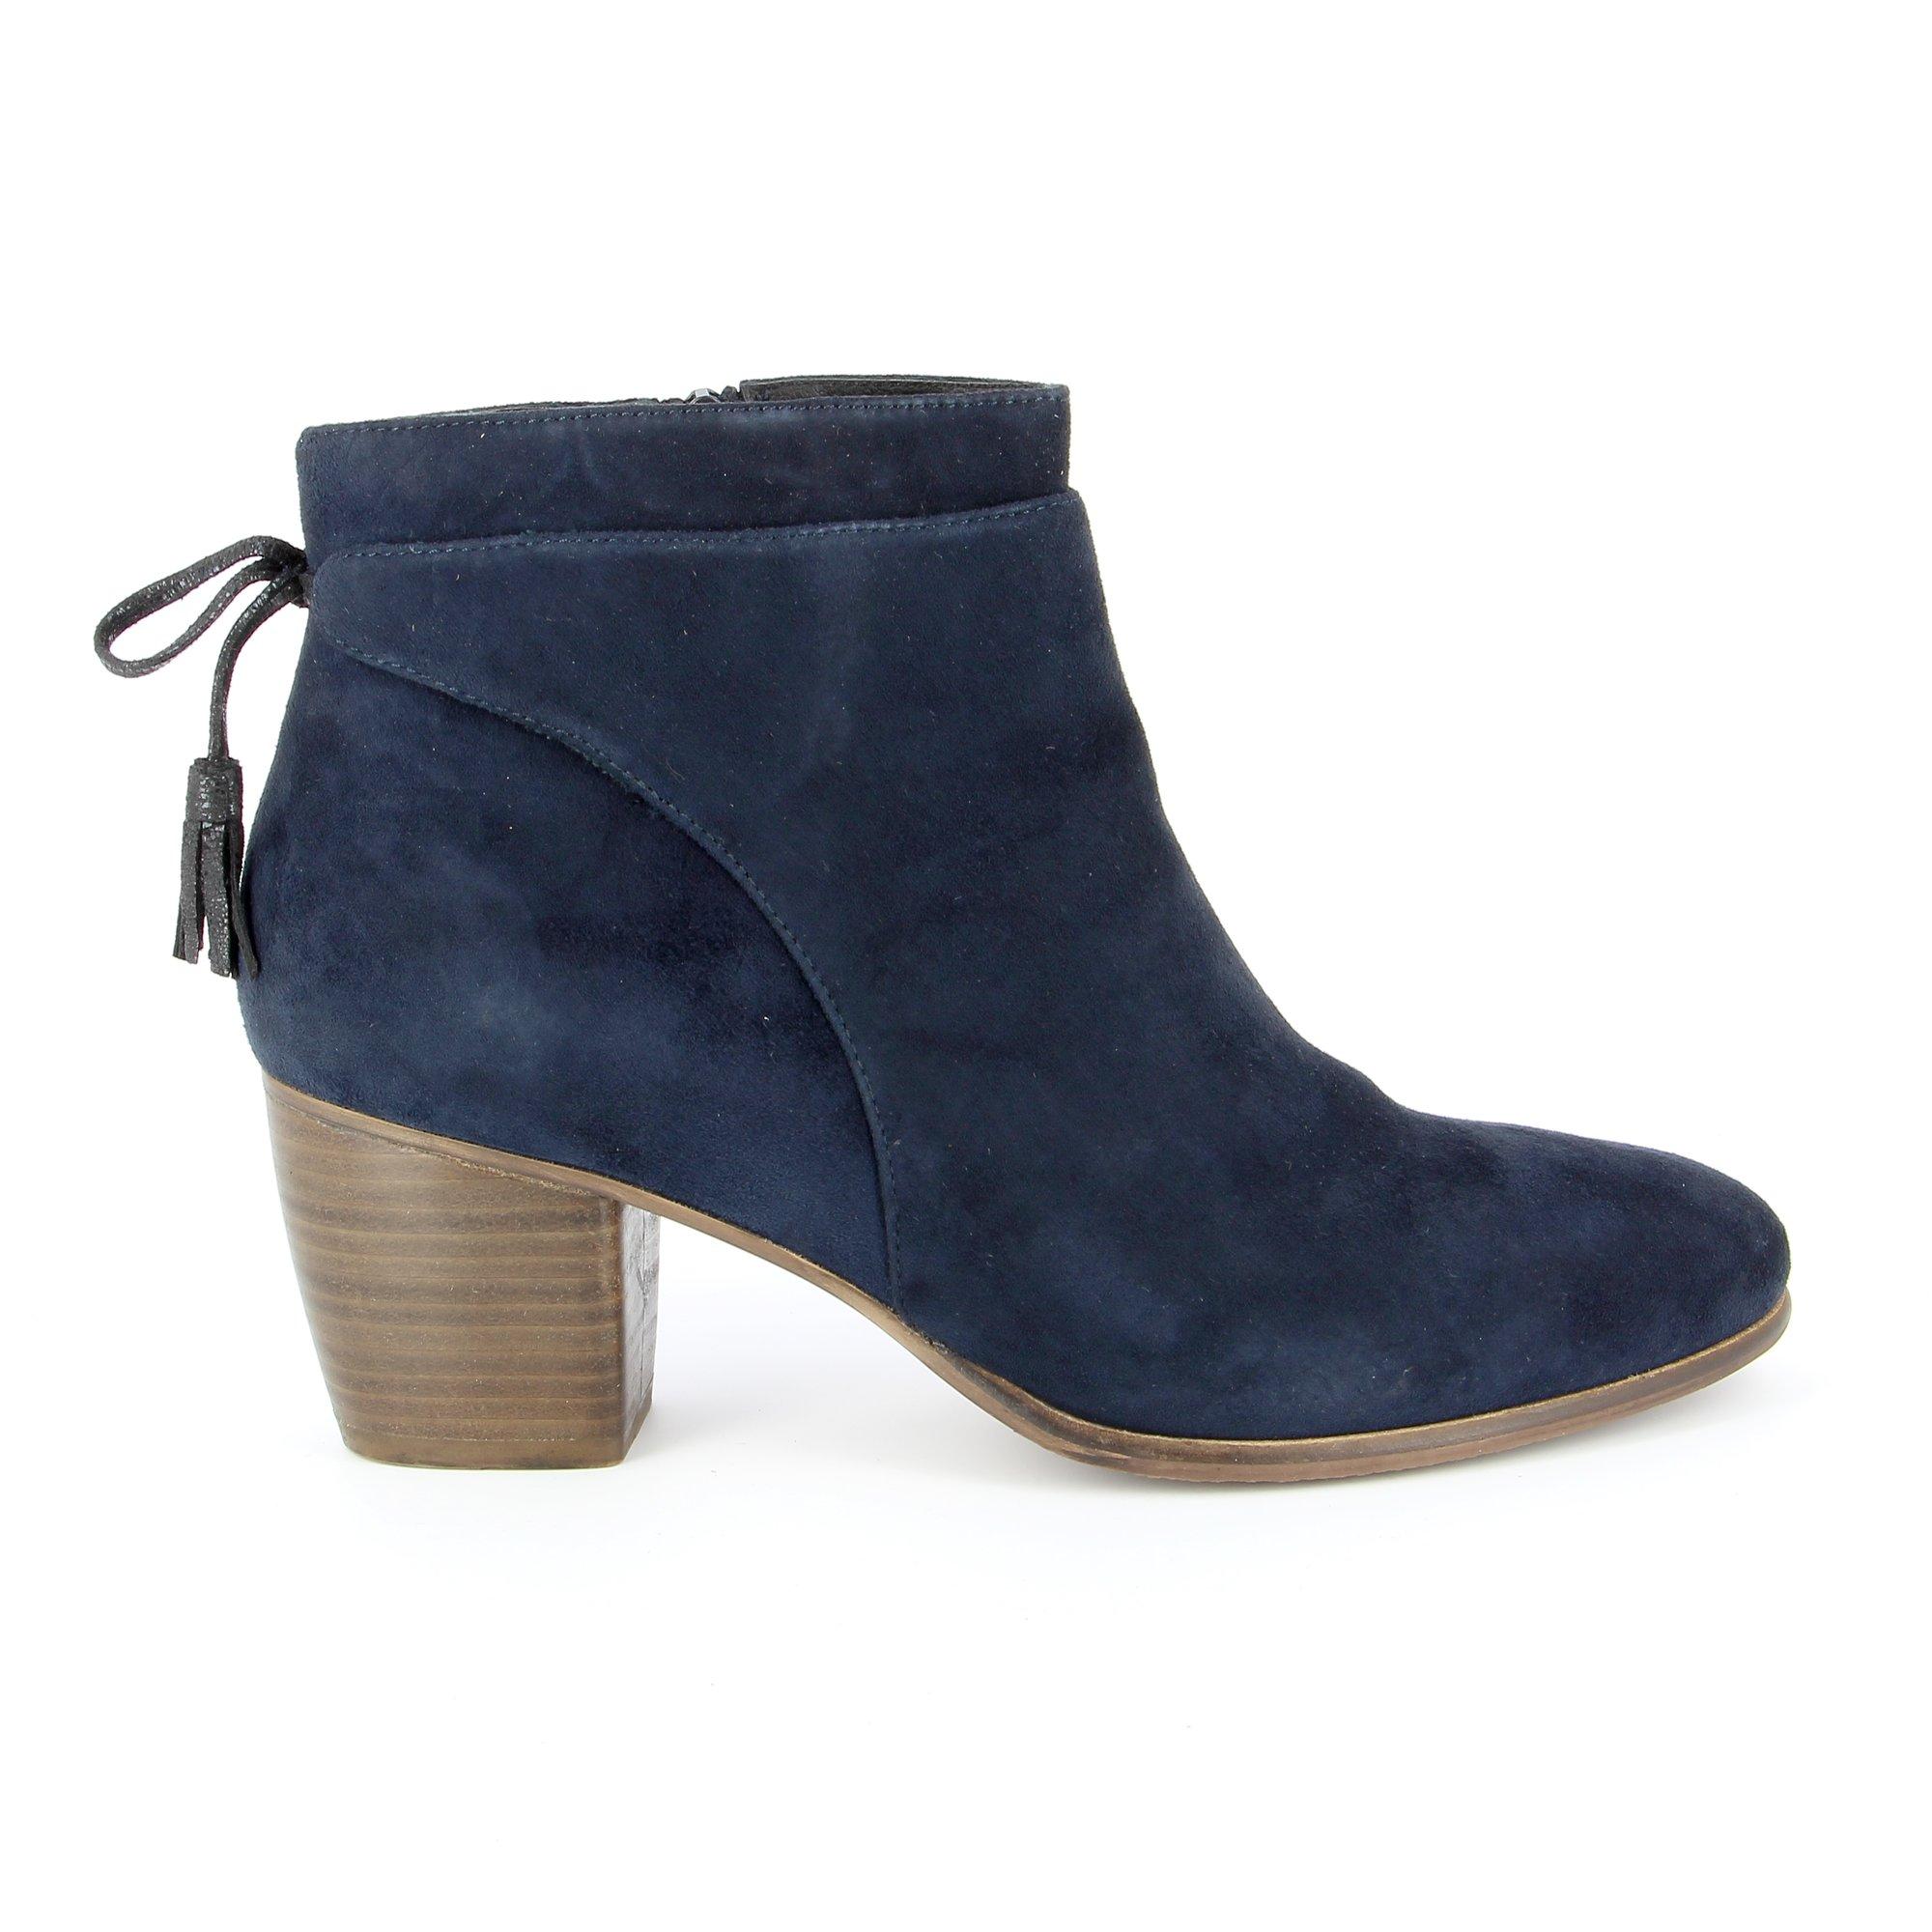 Spm Boots bleu